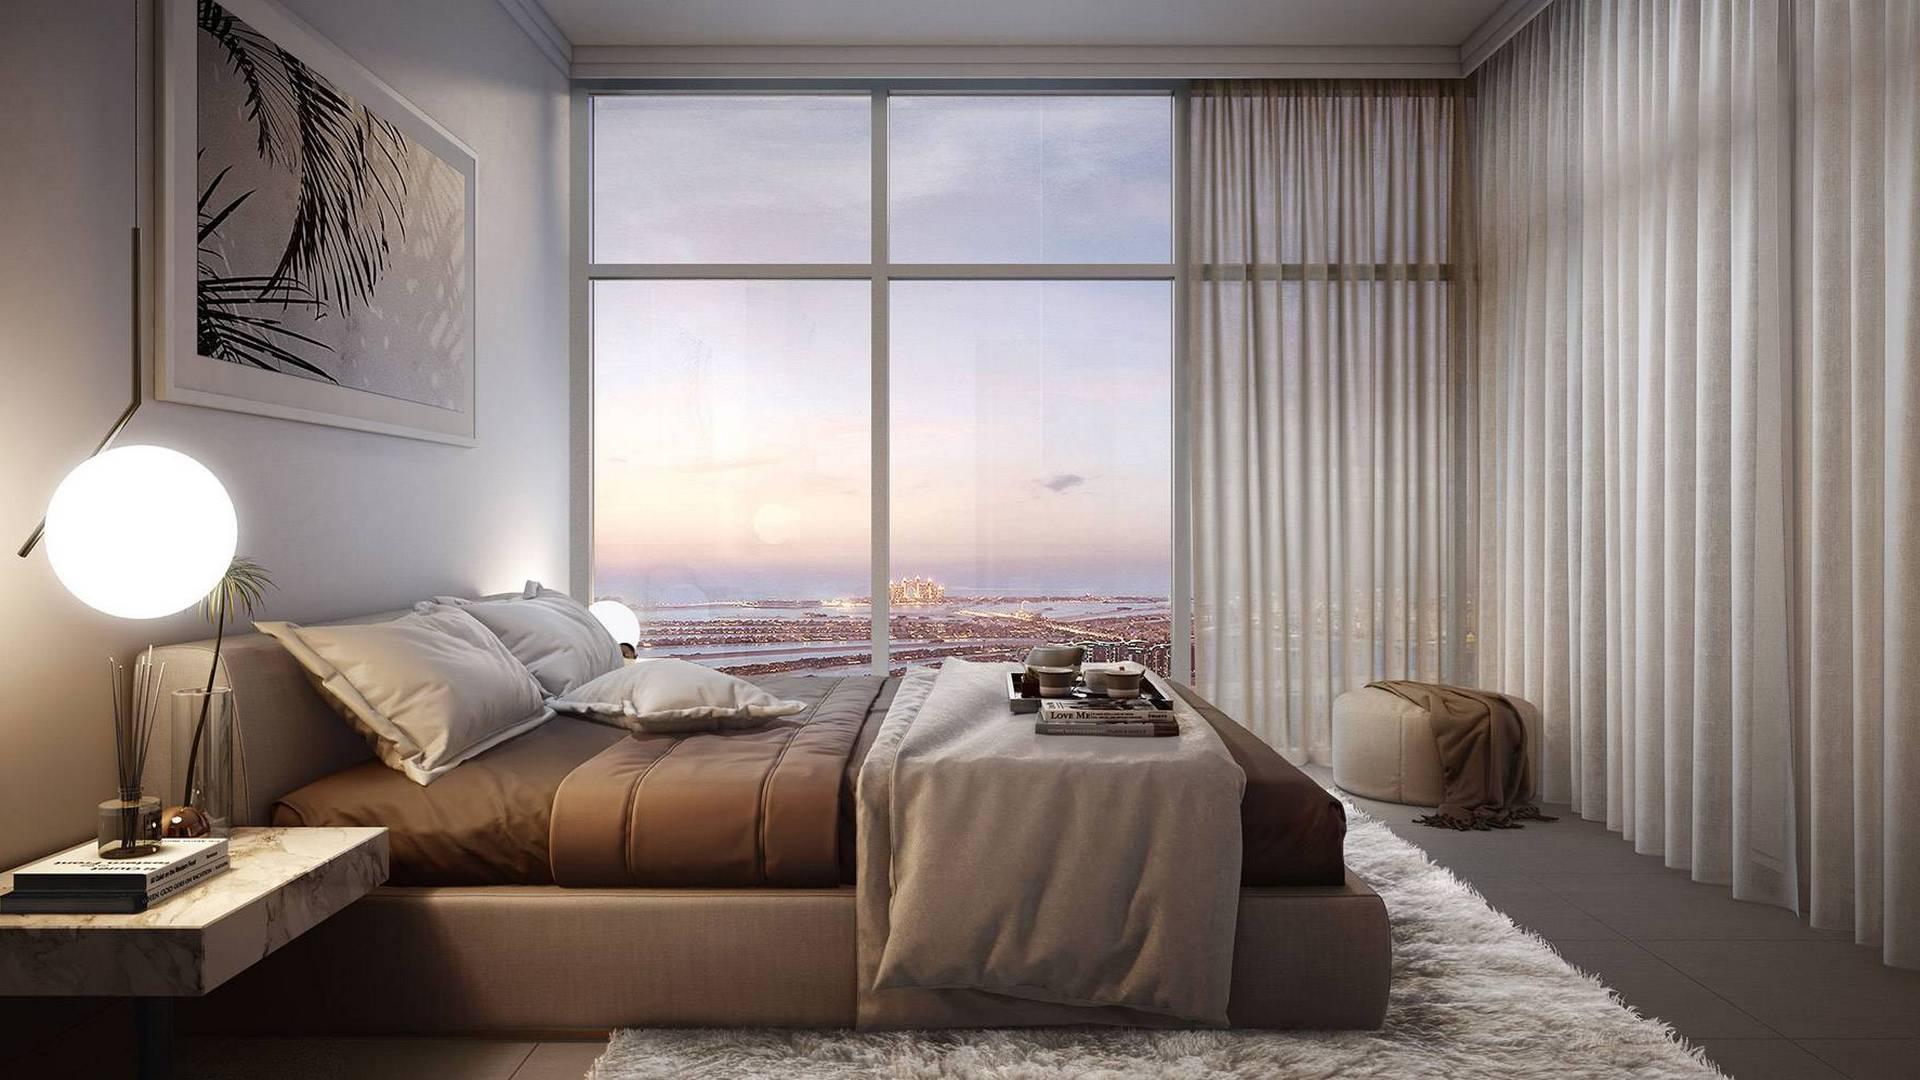 Apartment for sale in Dubai, UAE, 3 bedrooms, 158 m2, No. 23876 – photo 2